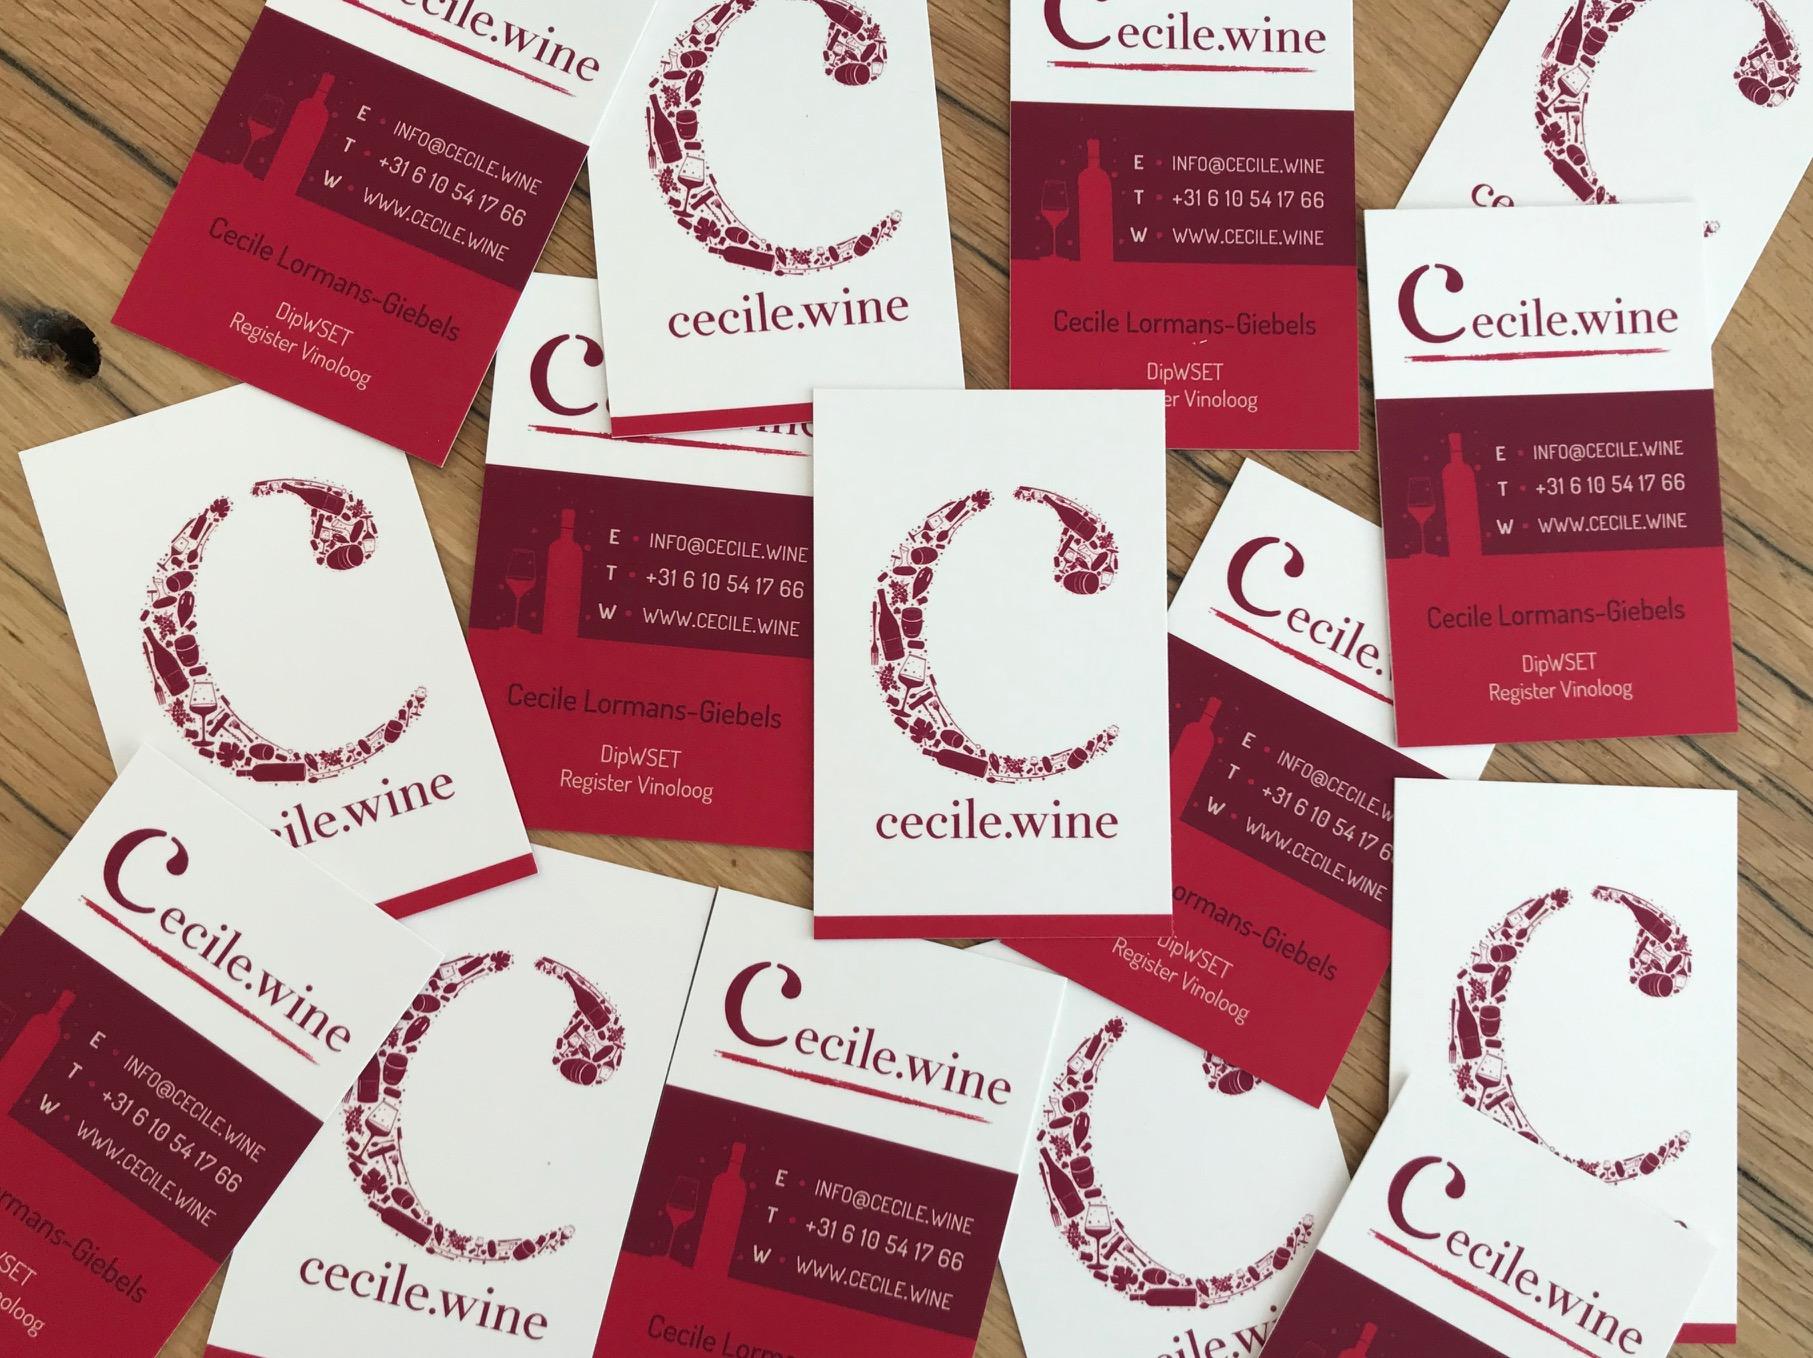 De visitekaartjes van Cecile.wine zijn klaar!